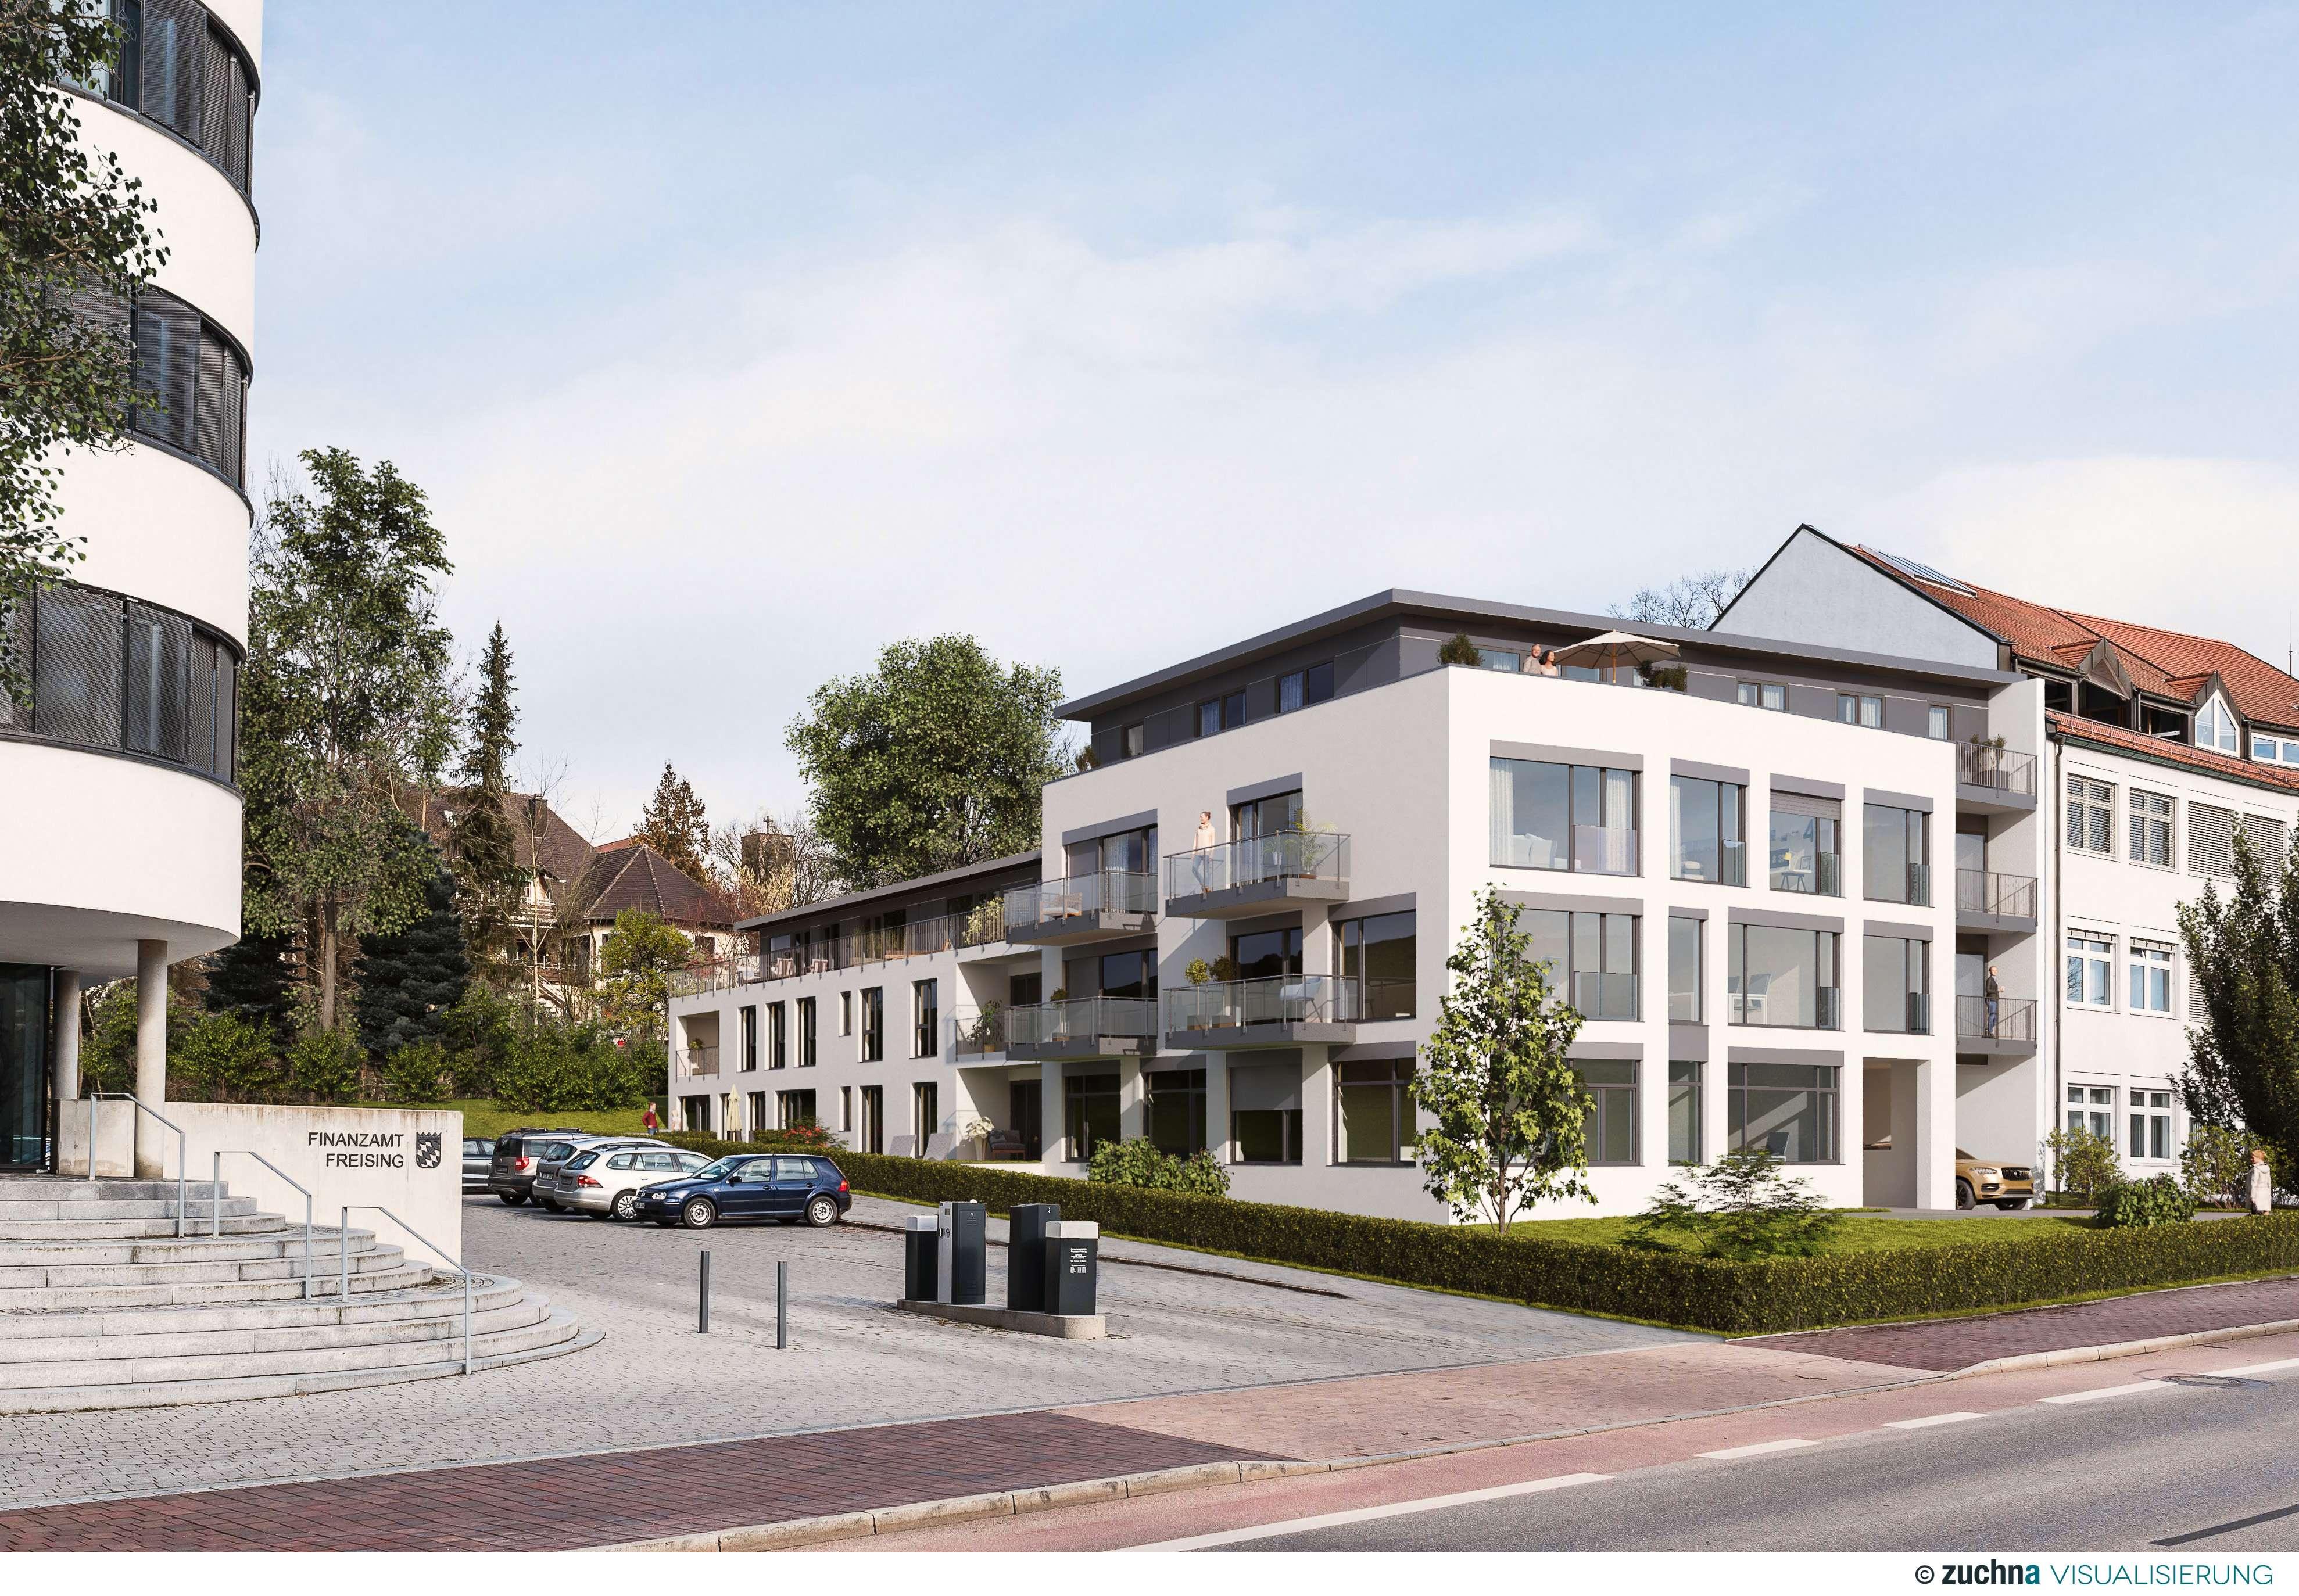 Erstbezug! Moderne 2-Zimmer-Terrassenwohnung mit großem Garten in unmittelbarer Altstadtnähe in Freising